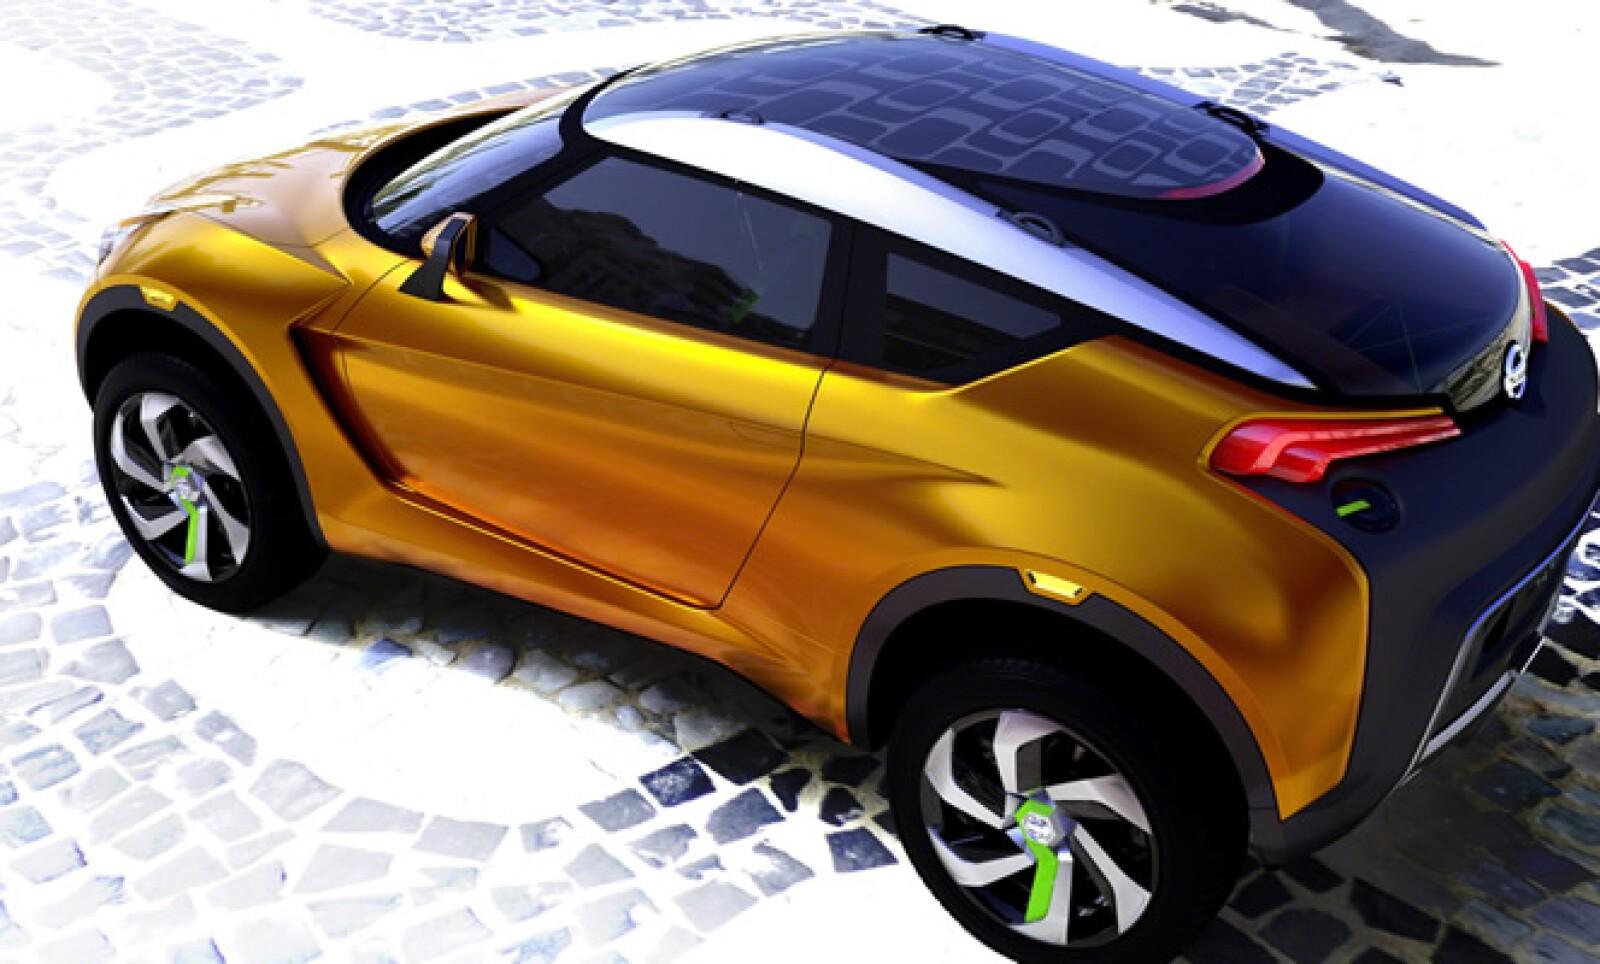 El auto están en la etapa concepto, y aunque aún no tiene planes para su producción, Nissan intenta conquistar a los brasileños.